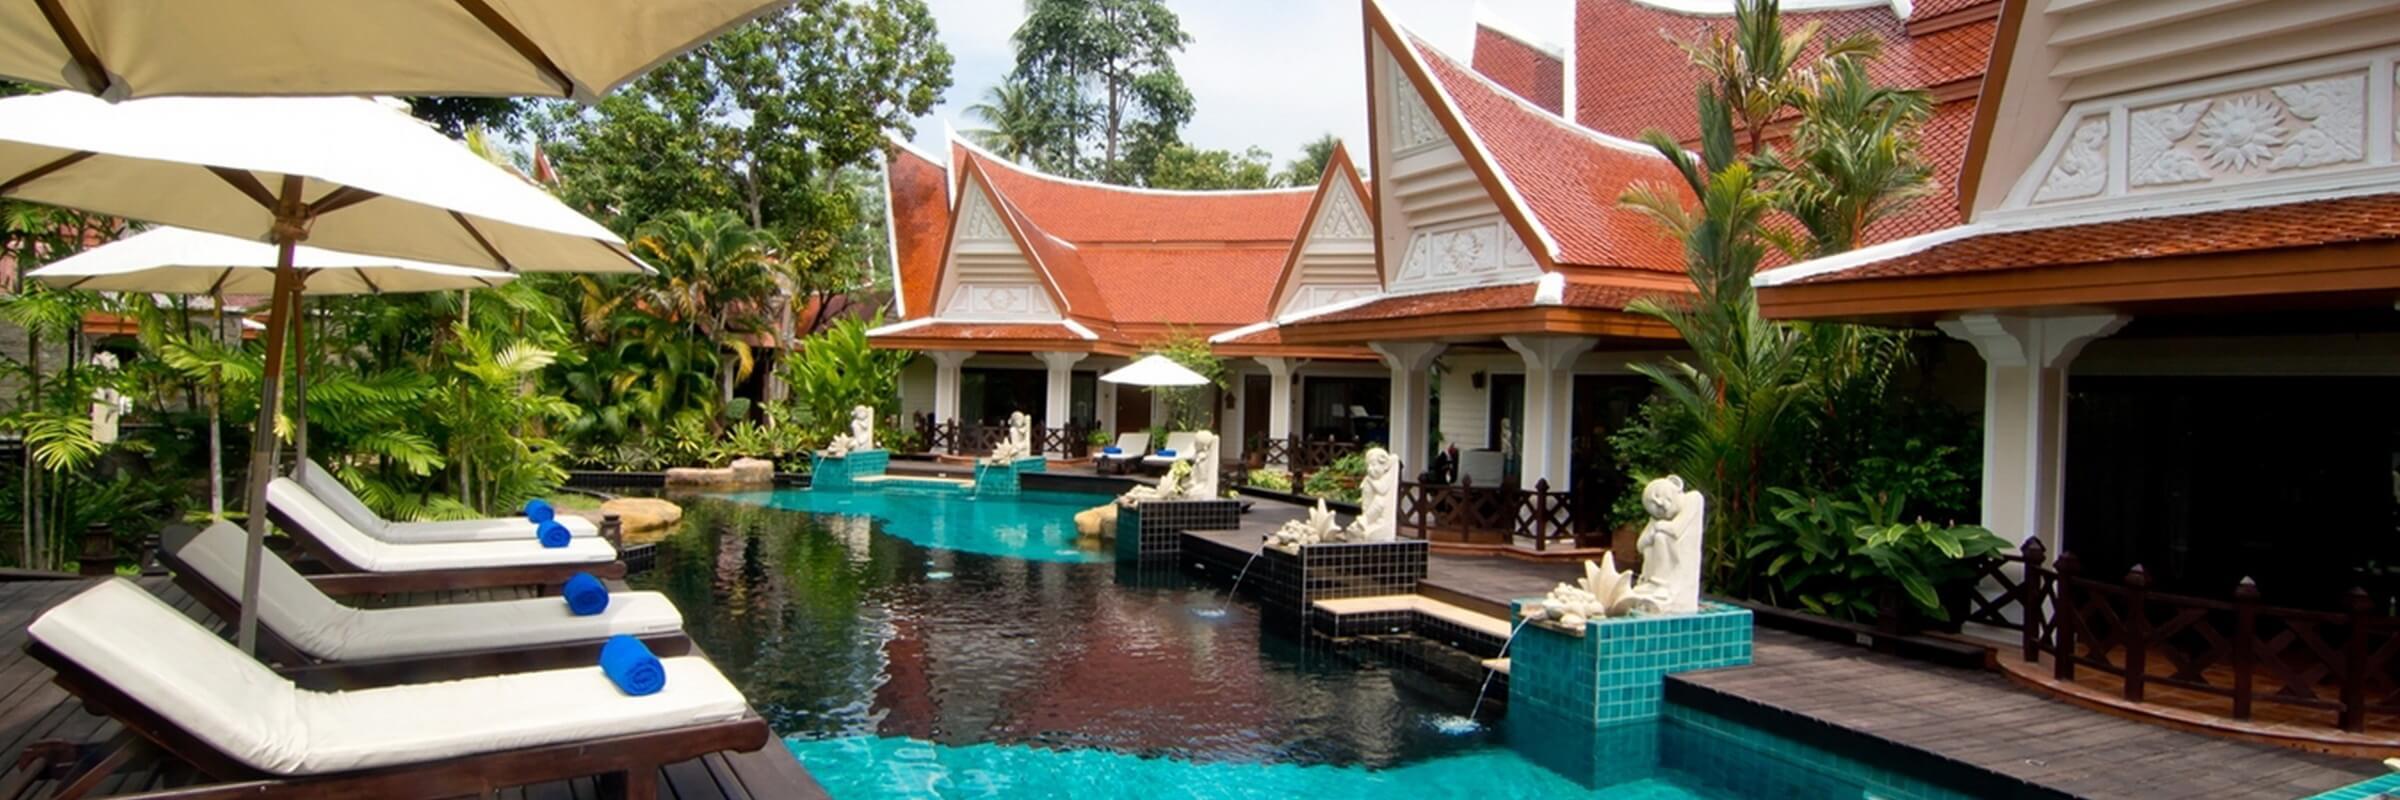 Die Chalets mit je 3-4 Wohneinheiten im traditionellen Thai-Stil sind um eine schöne Pool-Landschaft mit kleinem Wasserfall gruppiert.